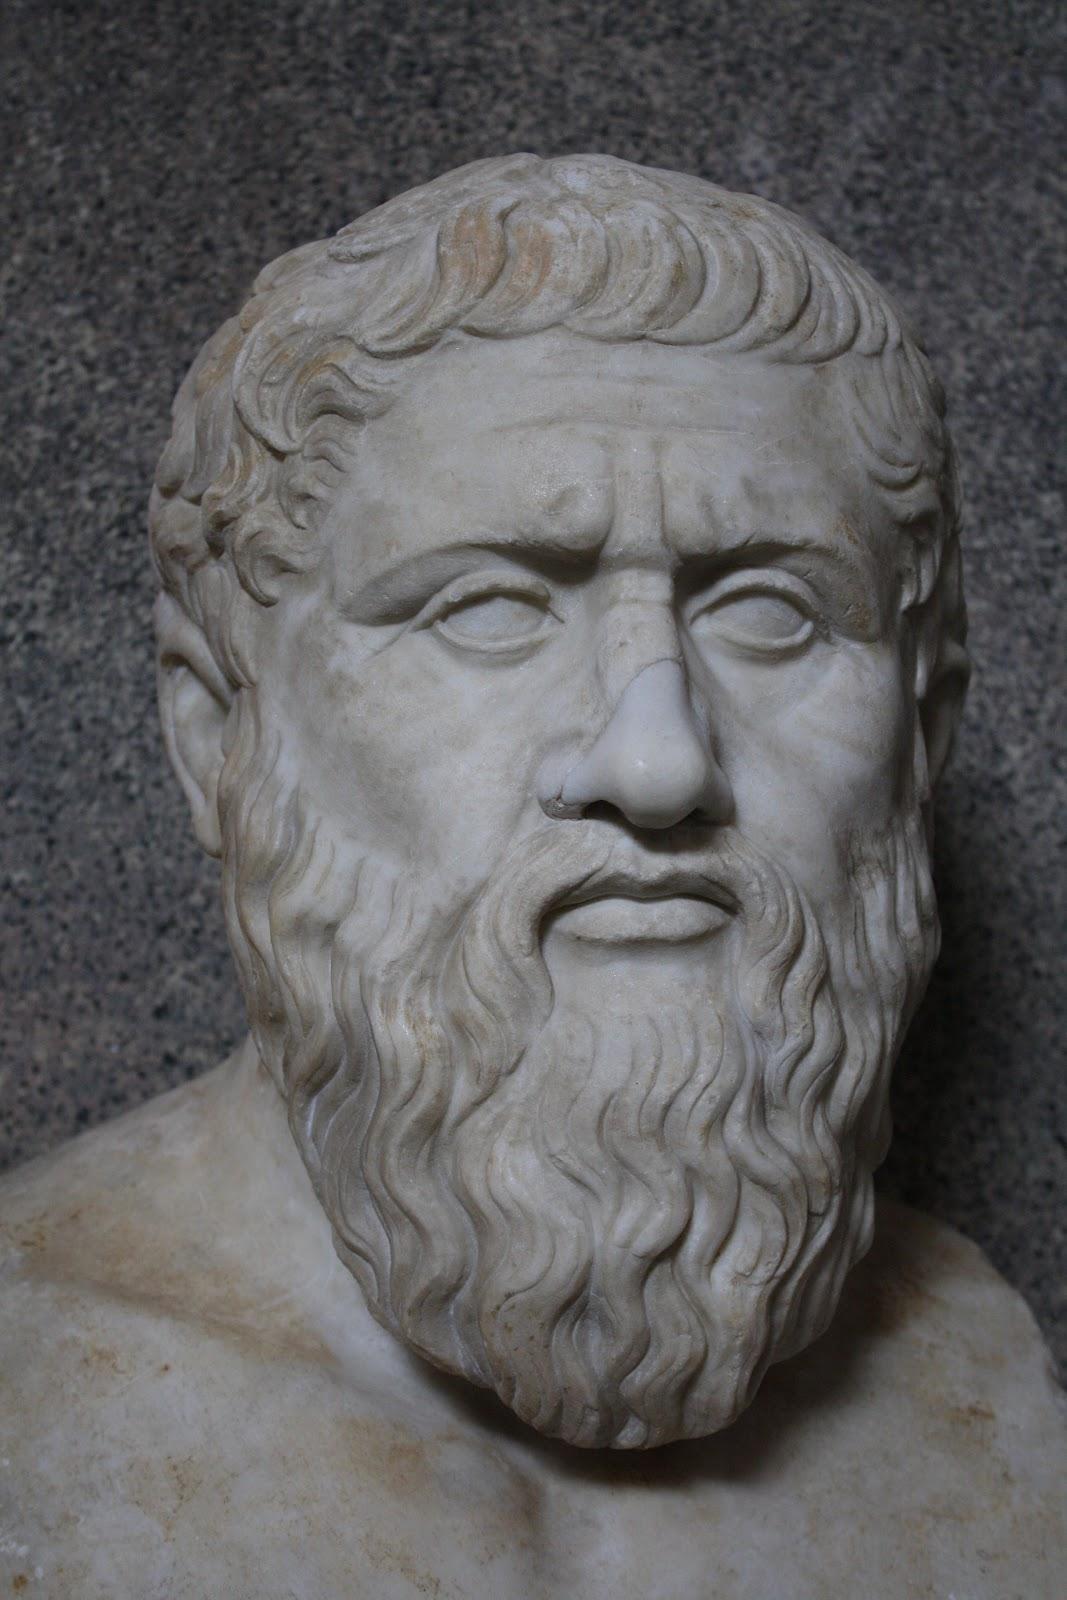 http://www.ancient.eu/uploads/images/1165.jpg